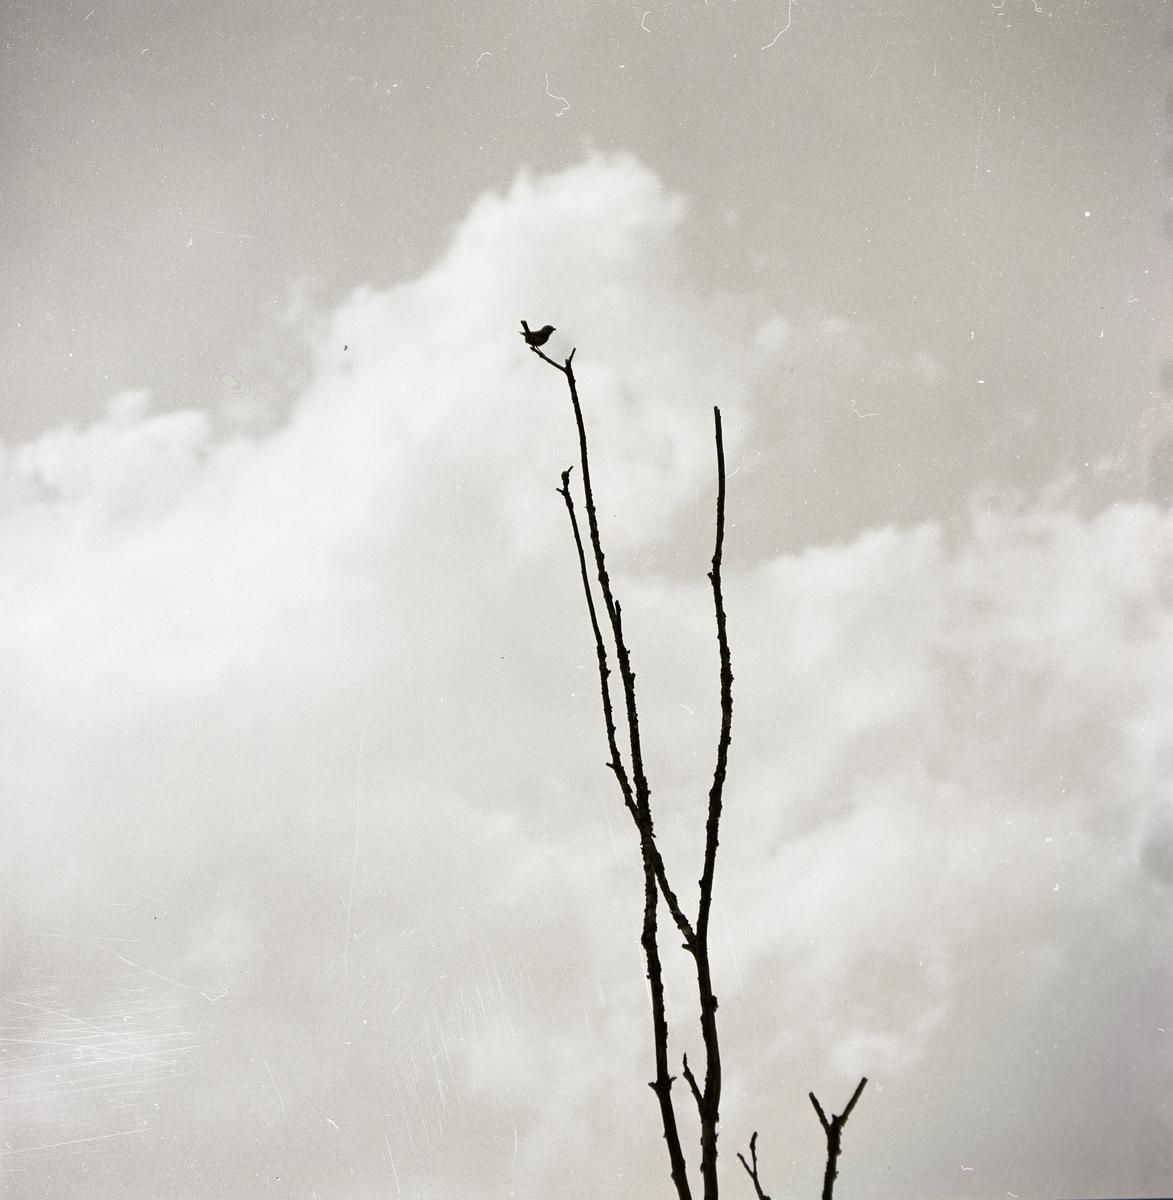 En törnskata sitter i en trädtopp, 1973.